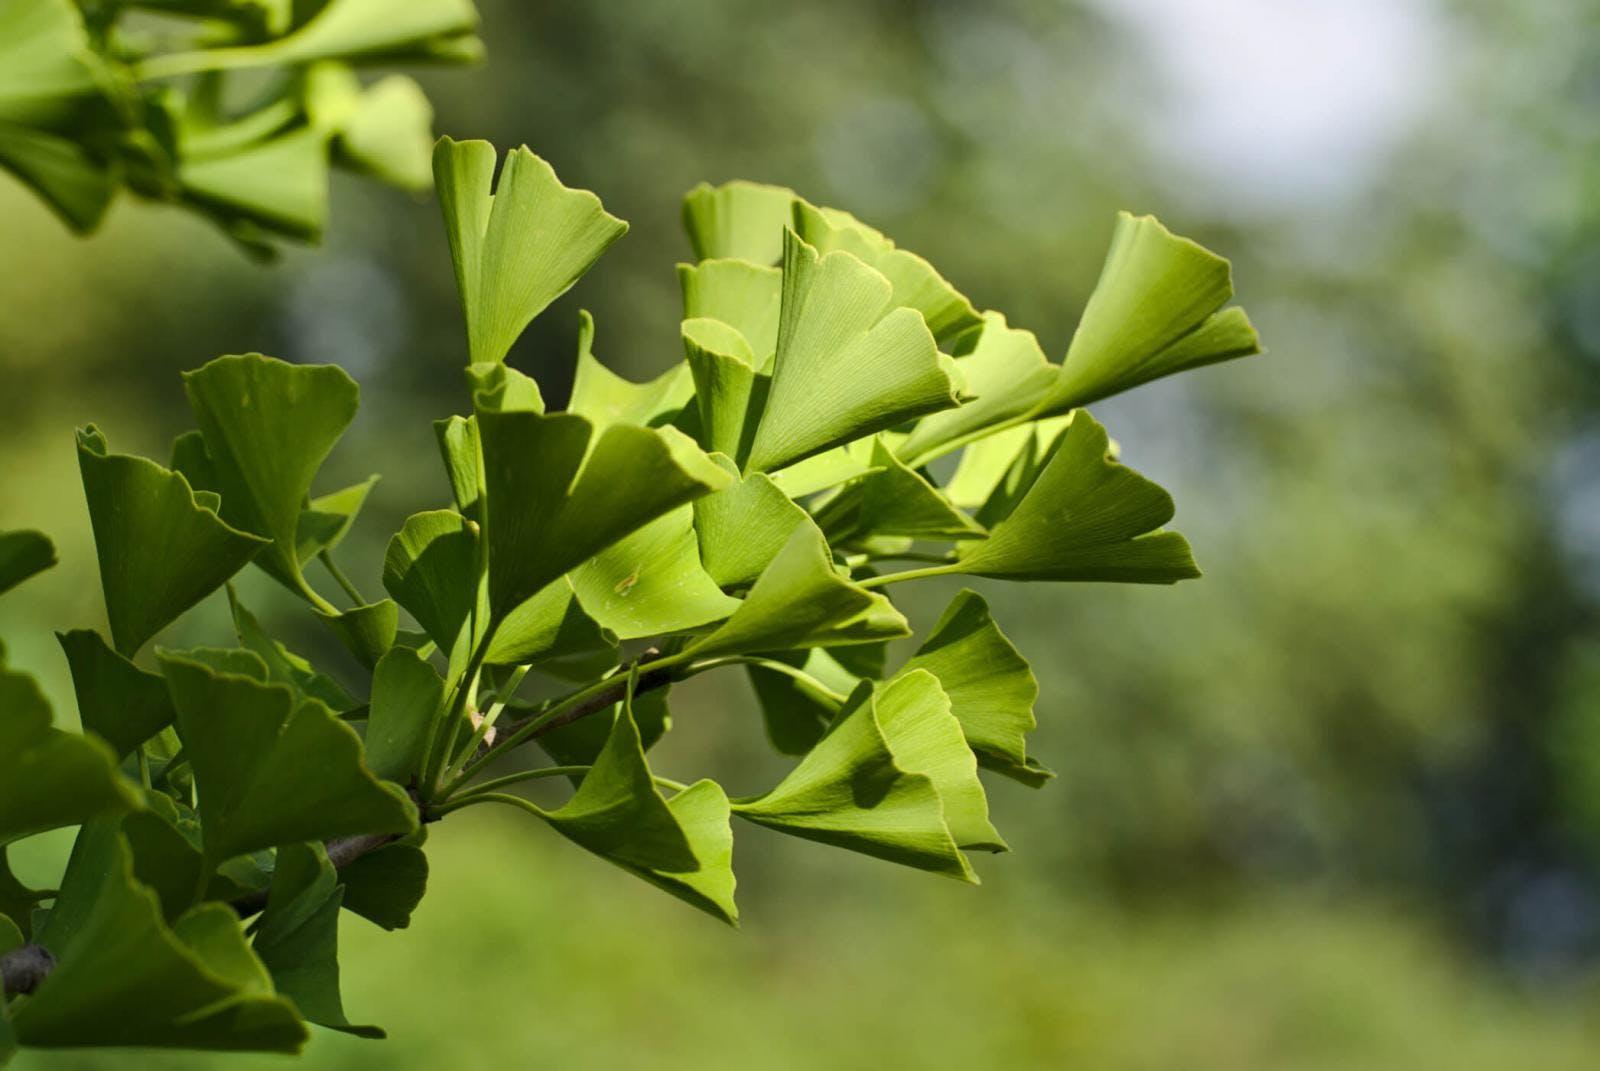 Obrazek przedstawiający liście miłorzębu japońskiego